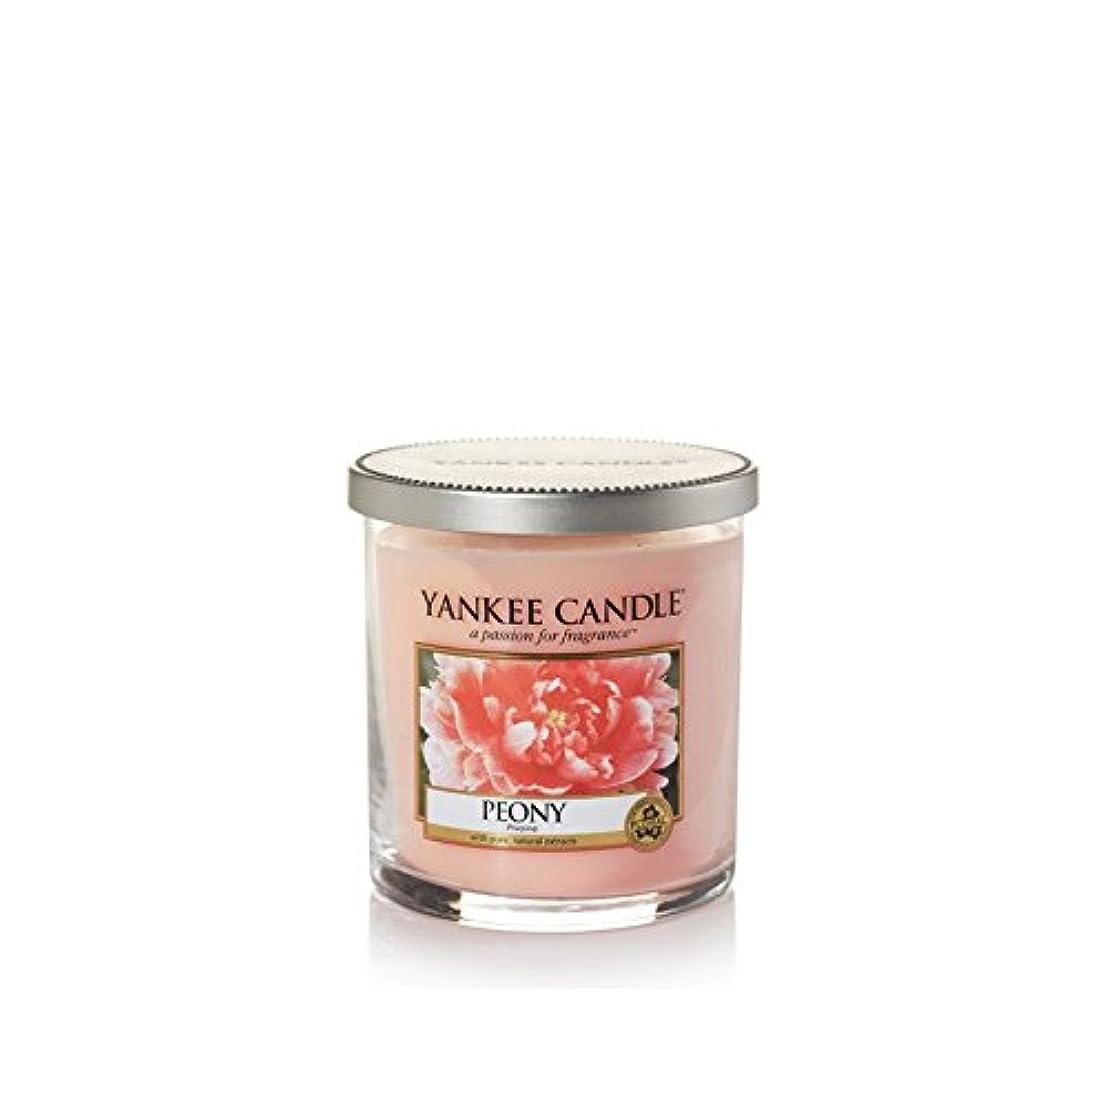 側高層ビルうるさいYankee Candles Small Pillar Candle - Peony (Pack of 2) - ヤンキーキャンドルの小さな柱キャンドル - 牡丹 (x2) [並行輸入品]